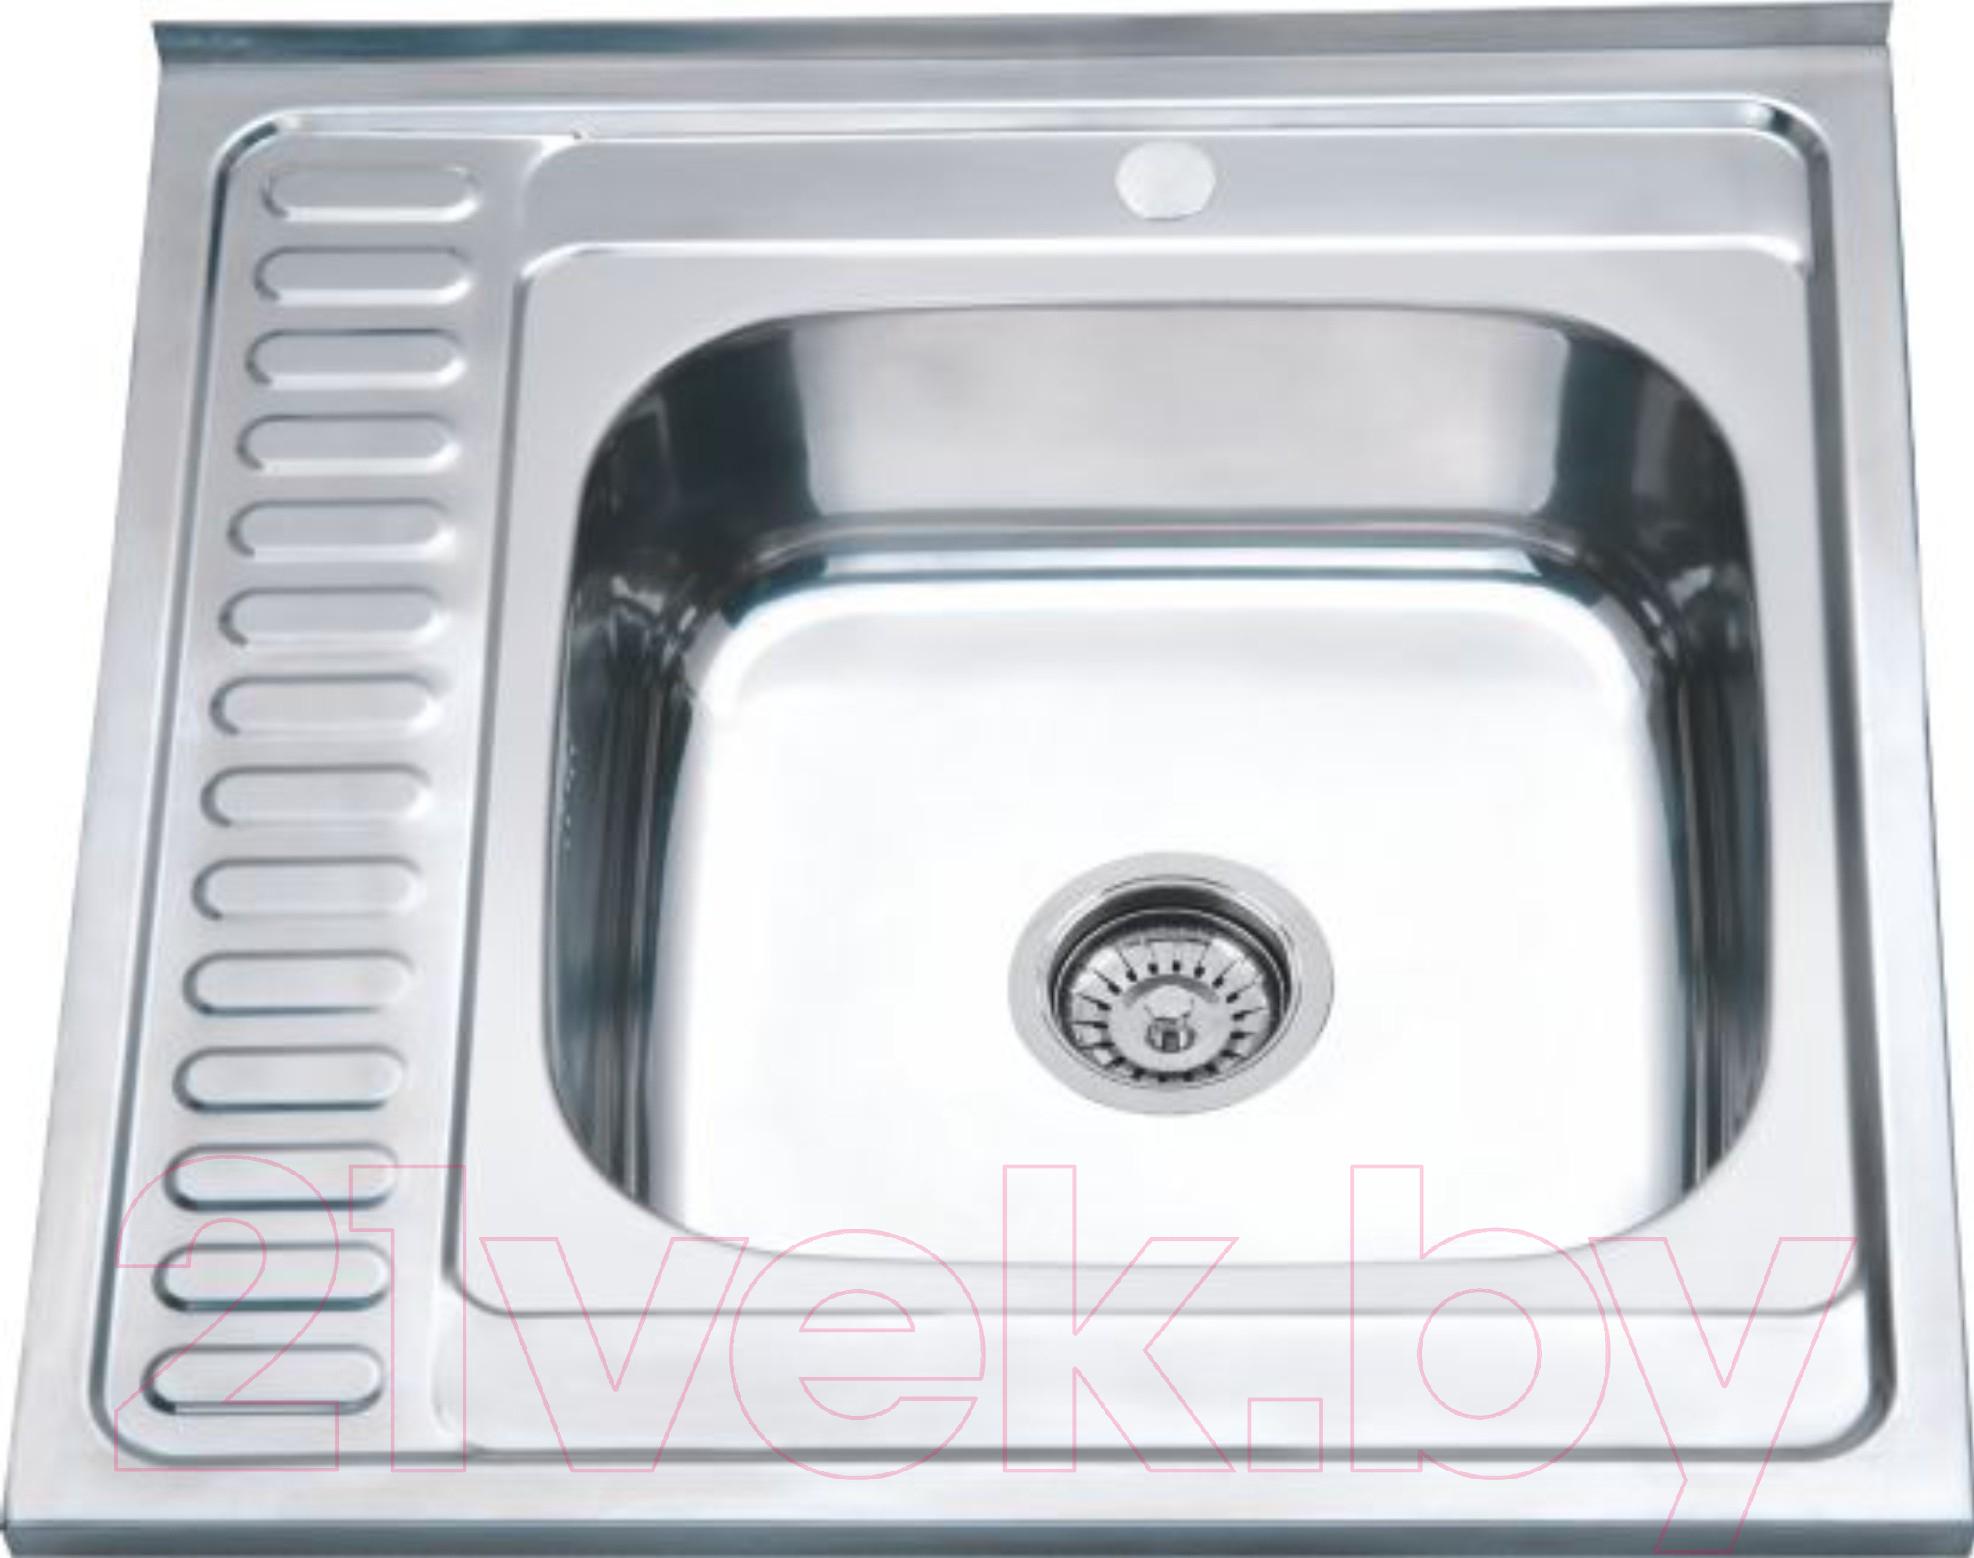 Купить Мойка кухонная РМС, MS8-6060R, Россия, нержавеющая сталь